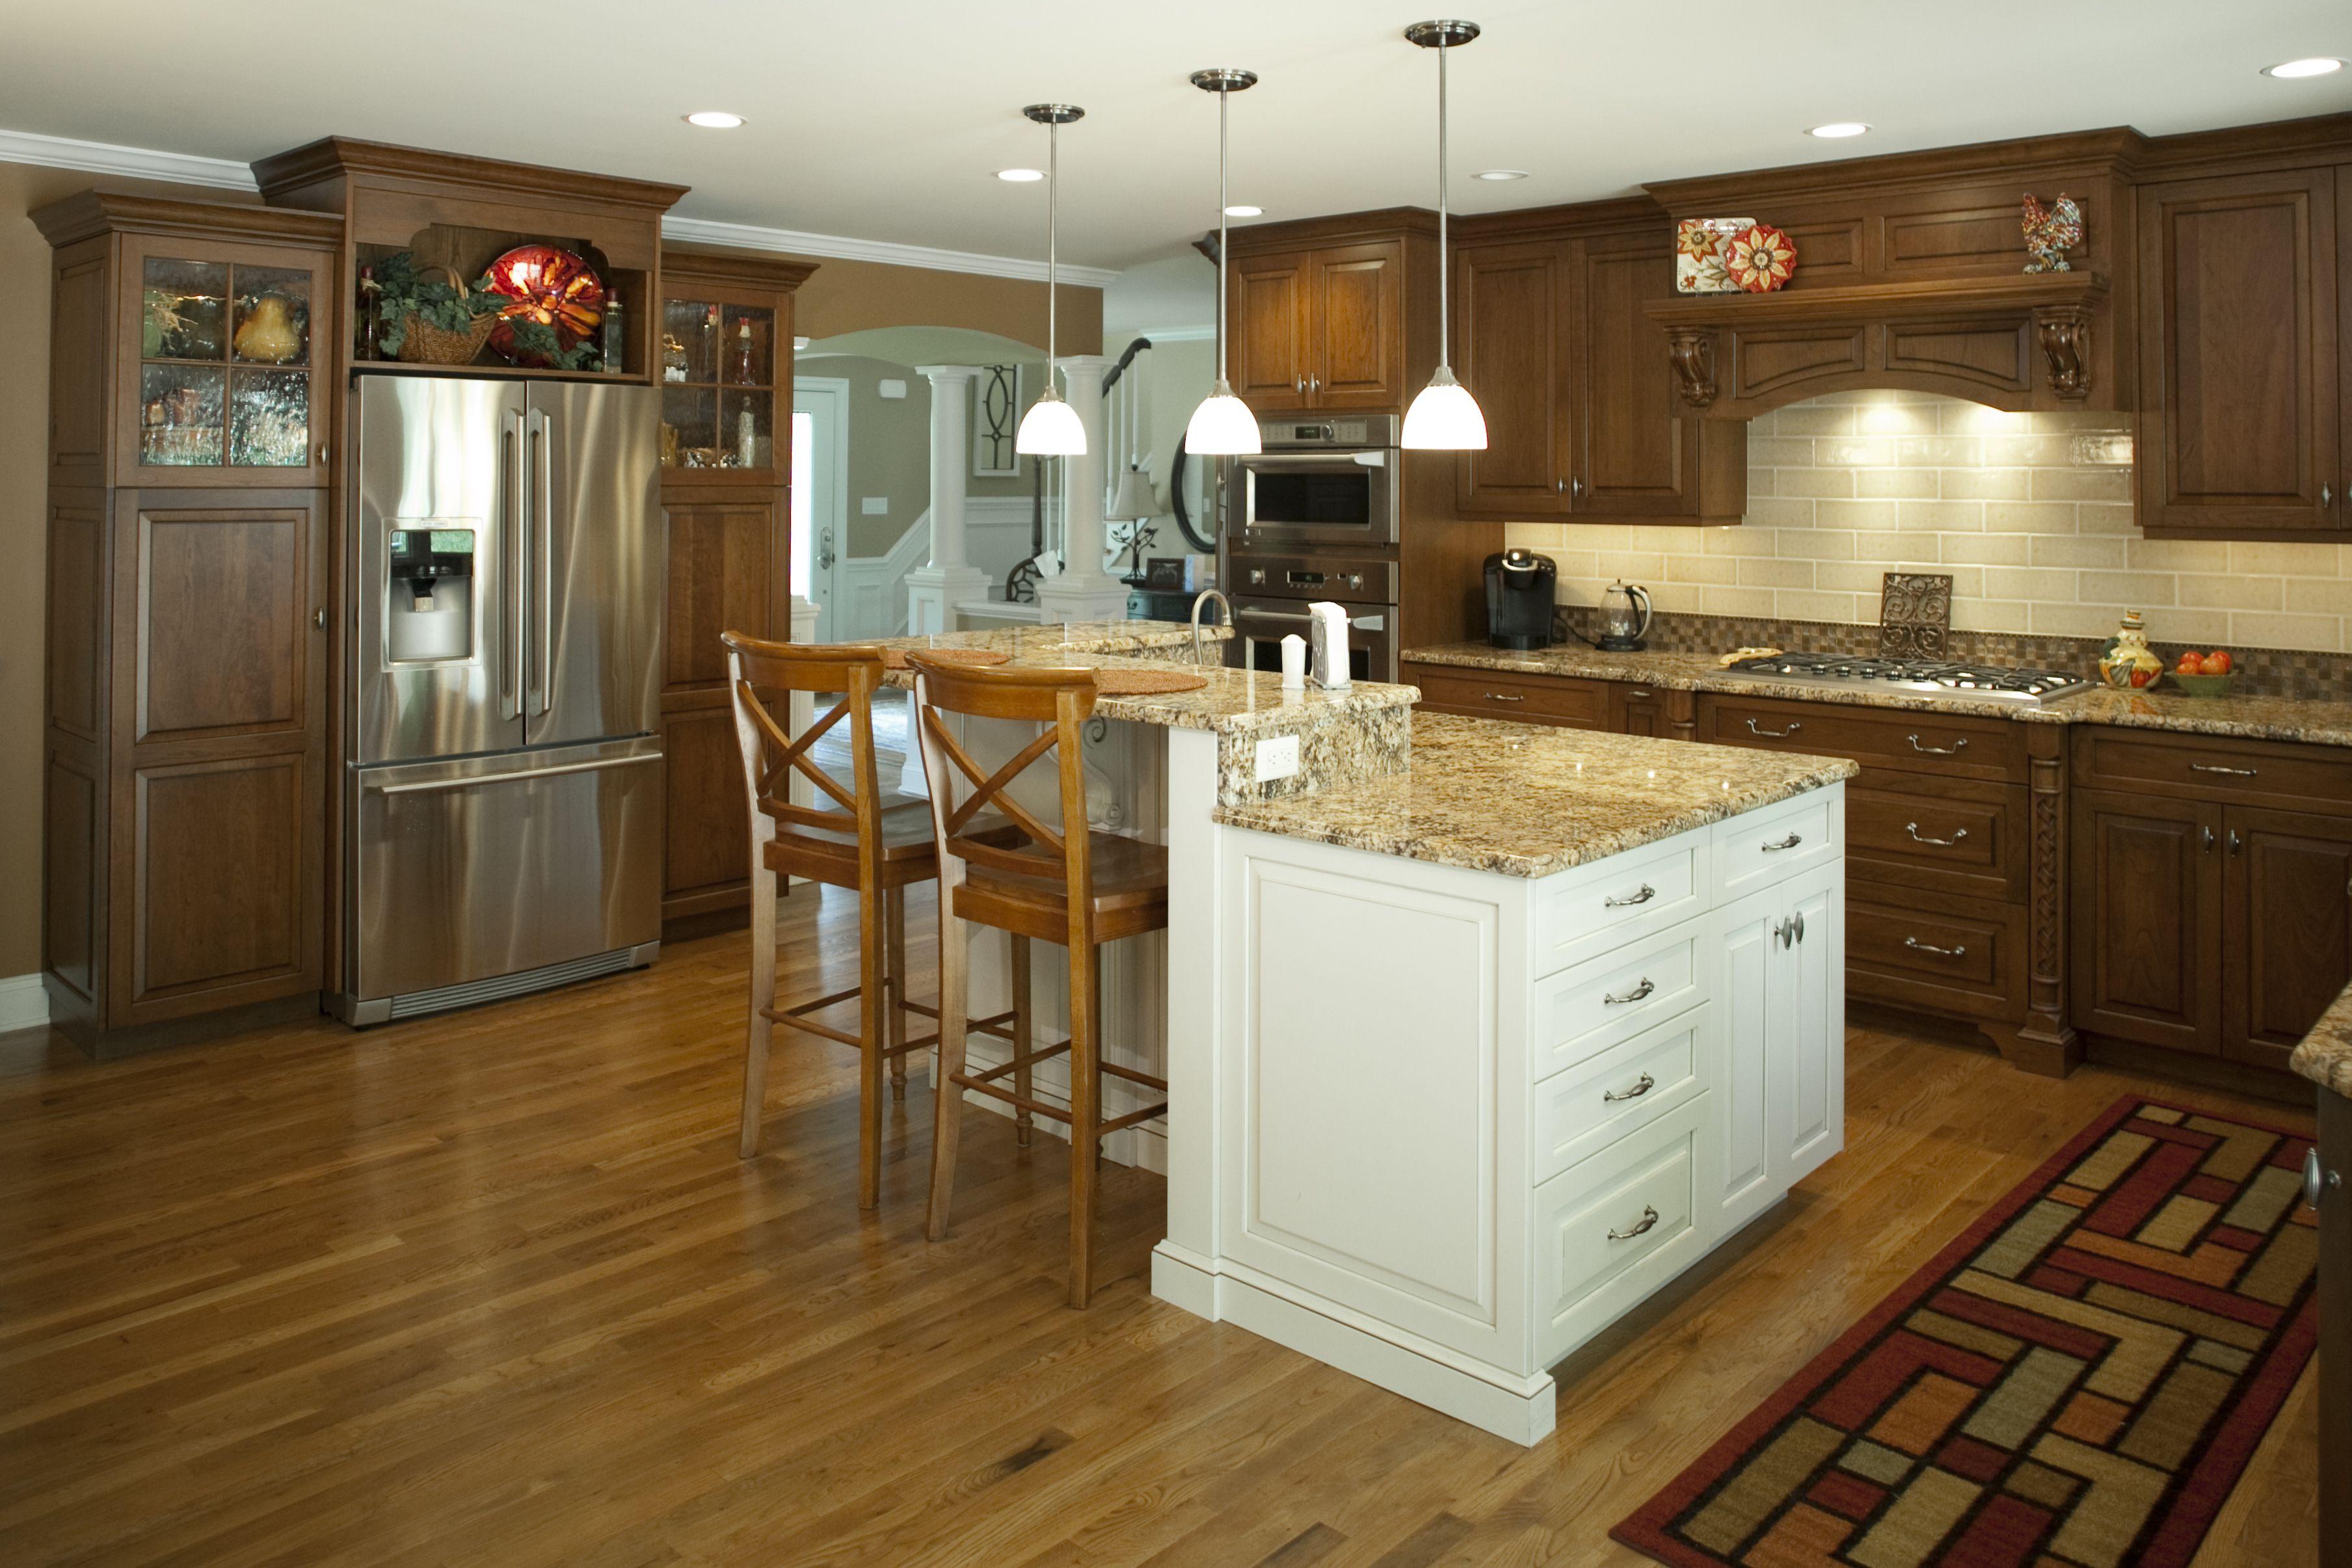 Solid Wood Kitchen Middletown NJ by Design Line